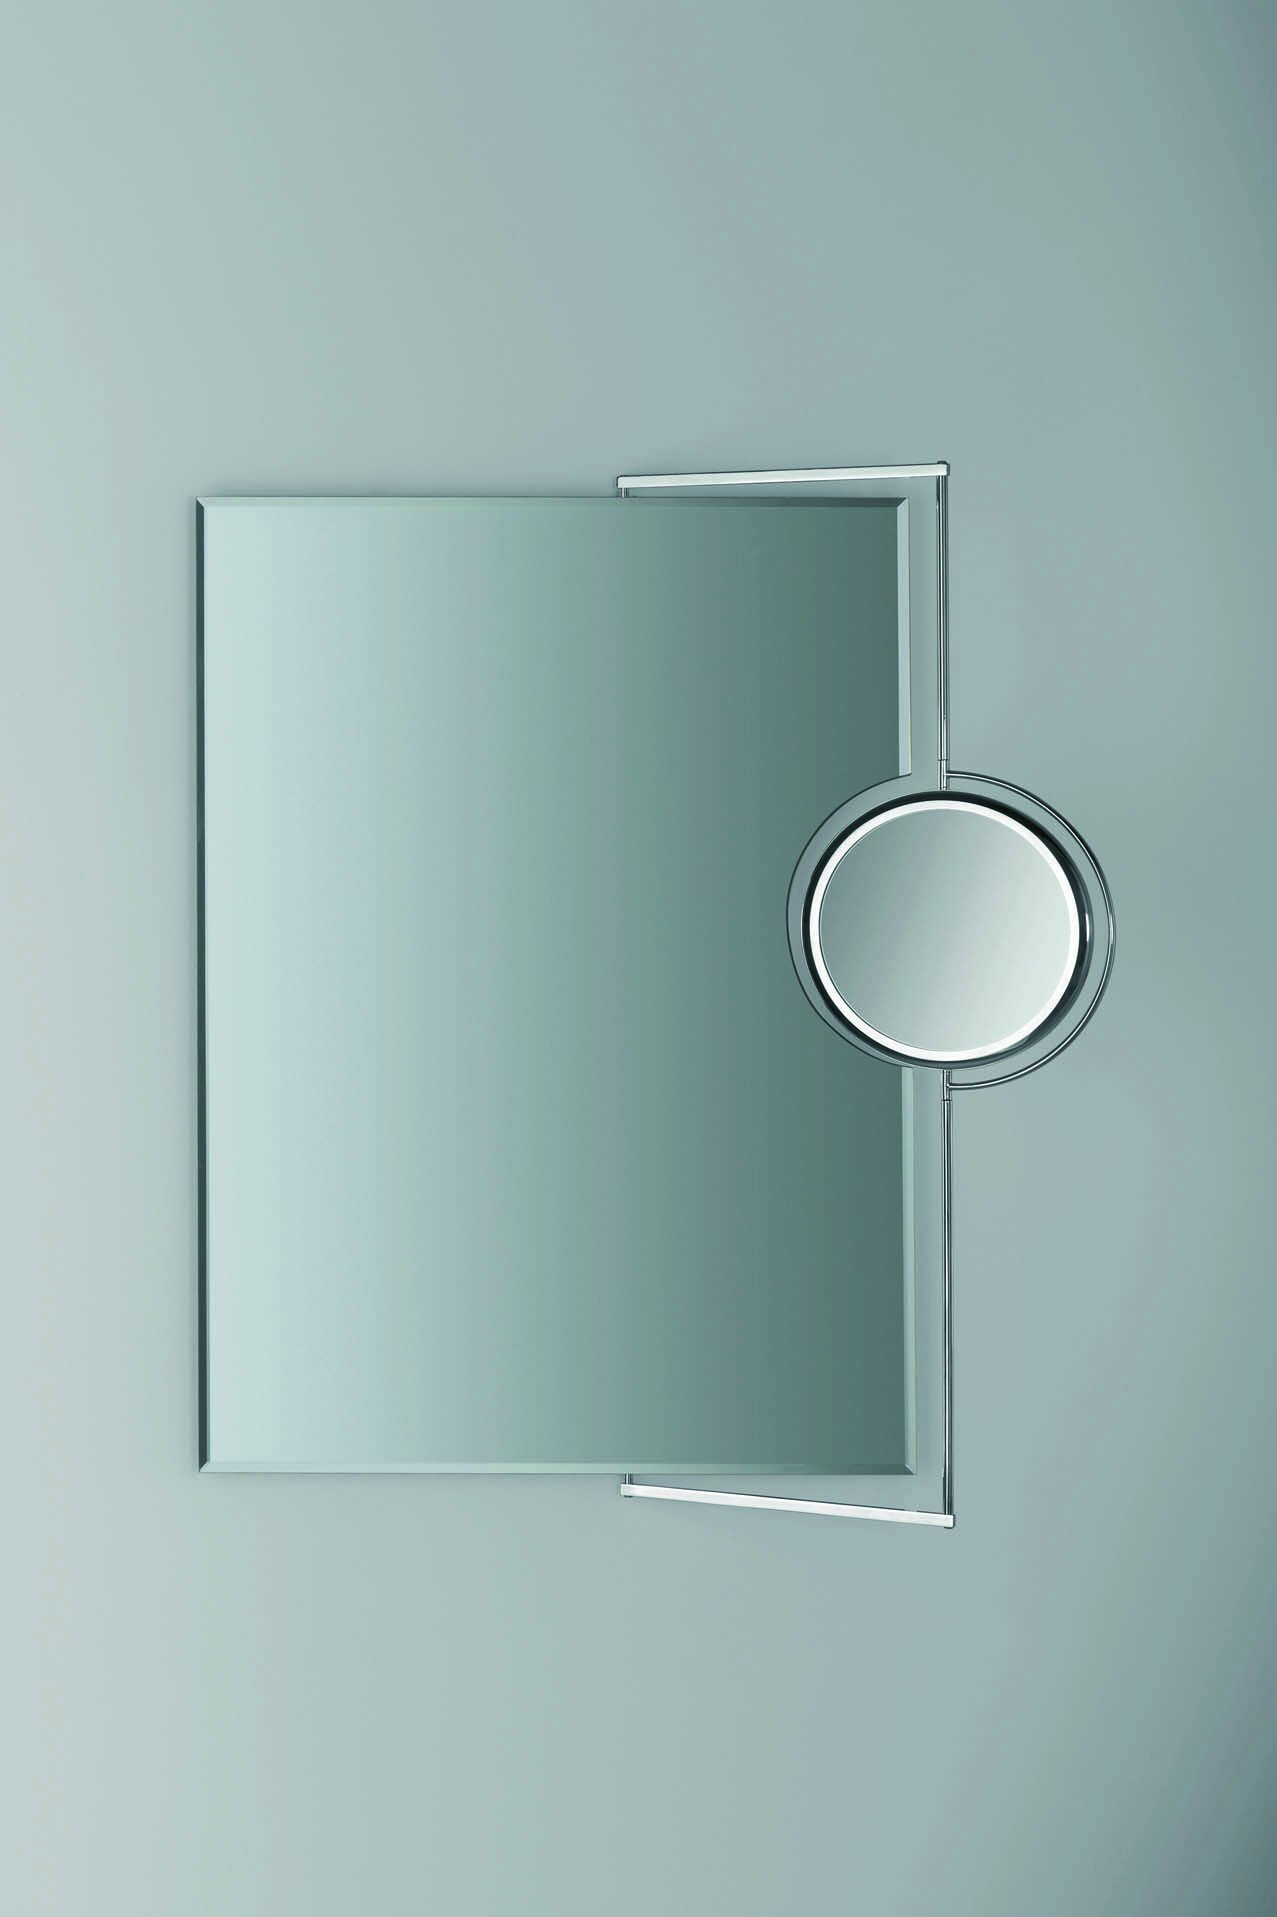 Miroir rectangulaire mural pour salle de bain recto iii by - Decor mural salle de bain ...